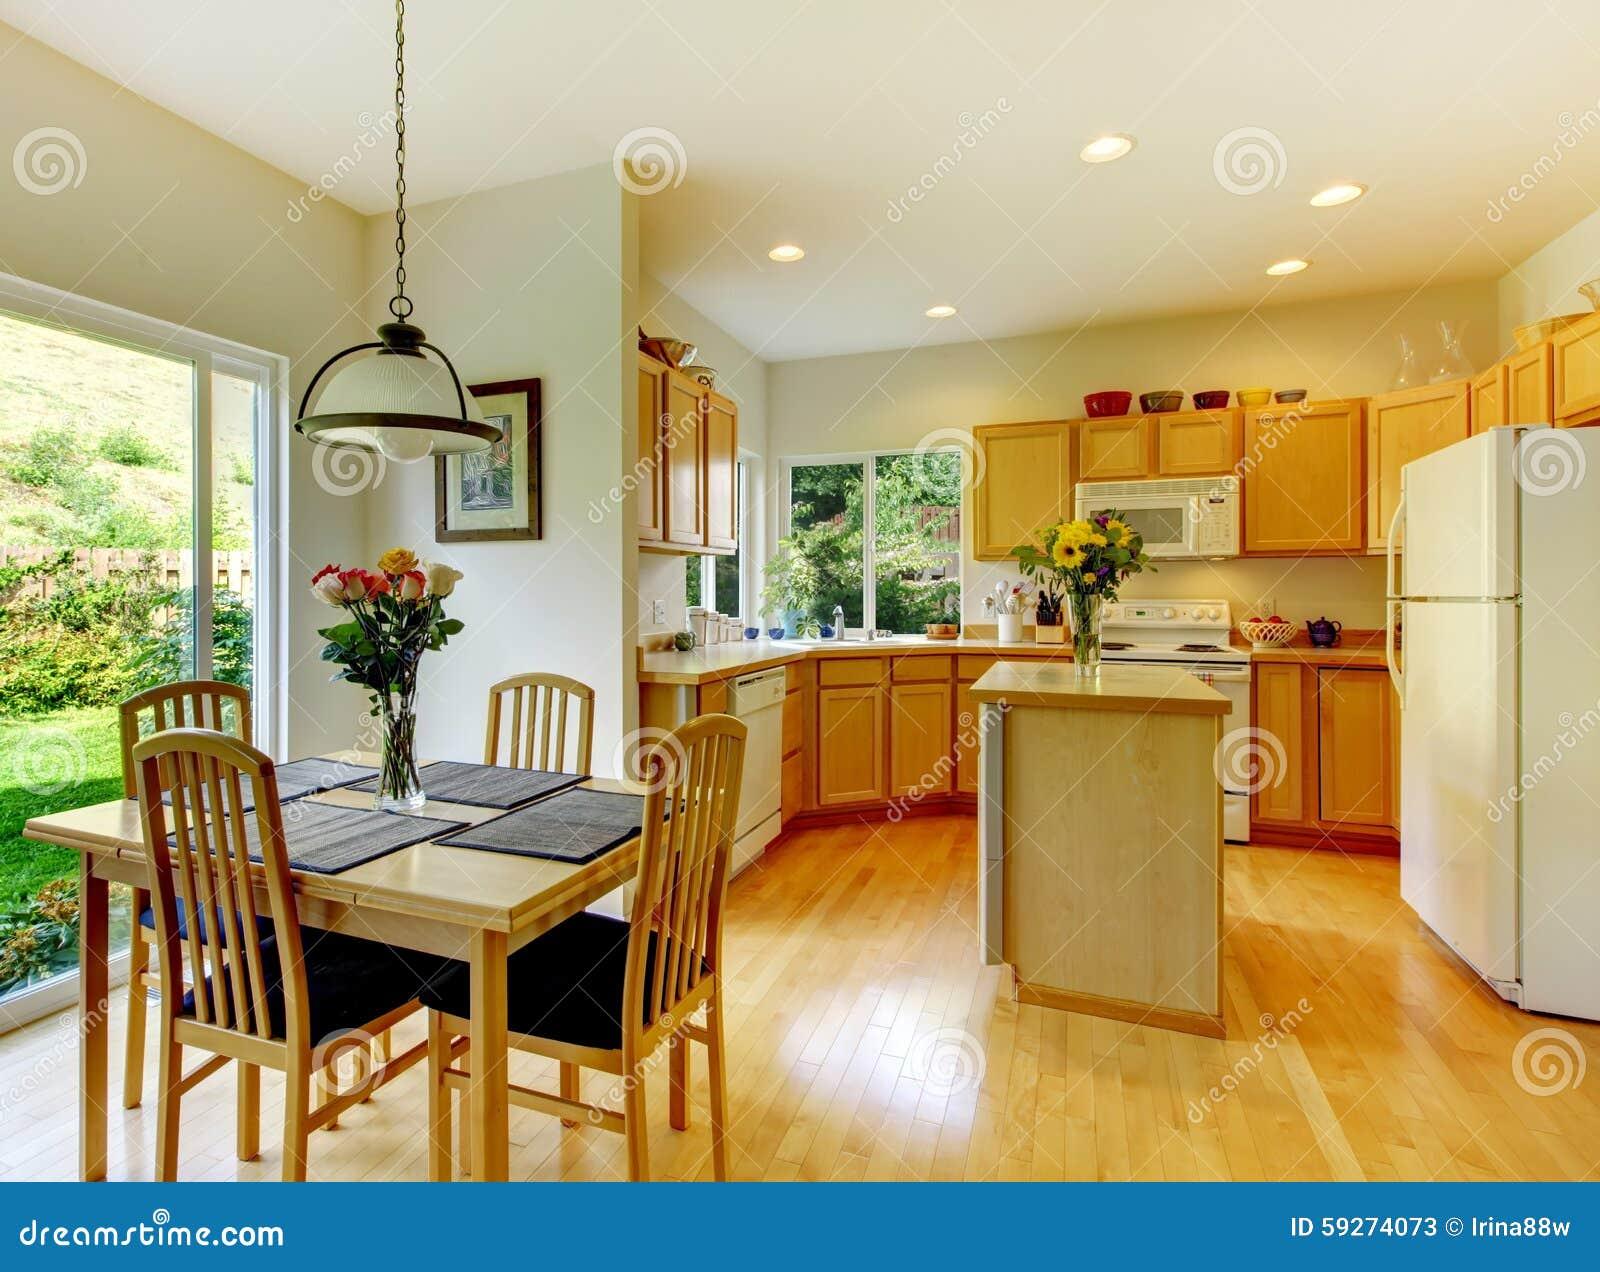 cuisine d 39 or en bois avec la salle manger et le bois dur photo stock image 59274073. Black Bedroom Furniture Sets. Home Design Ideas